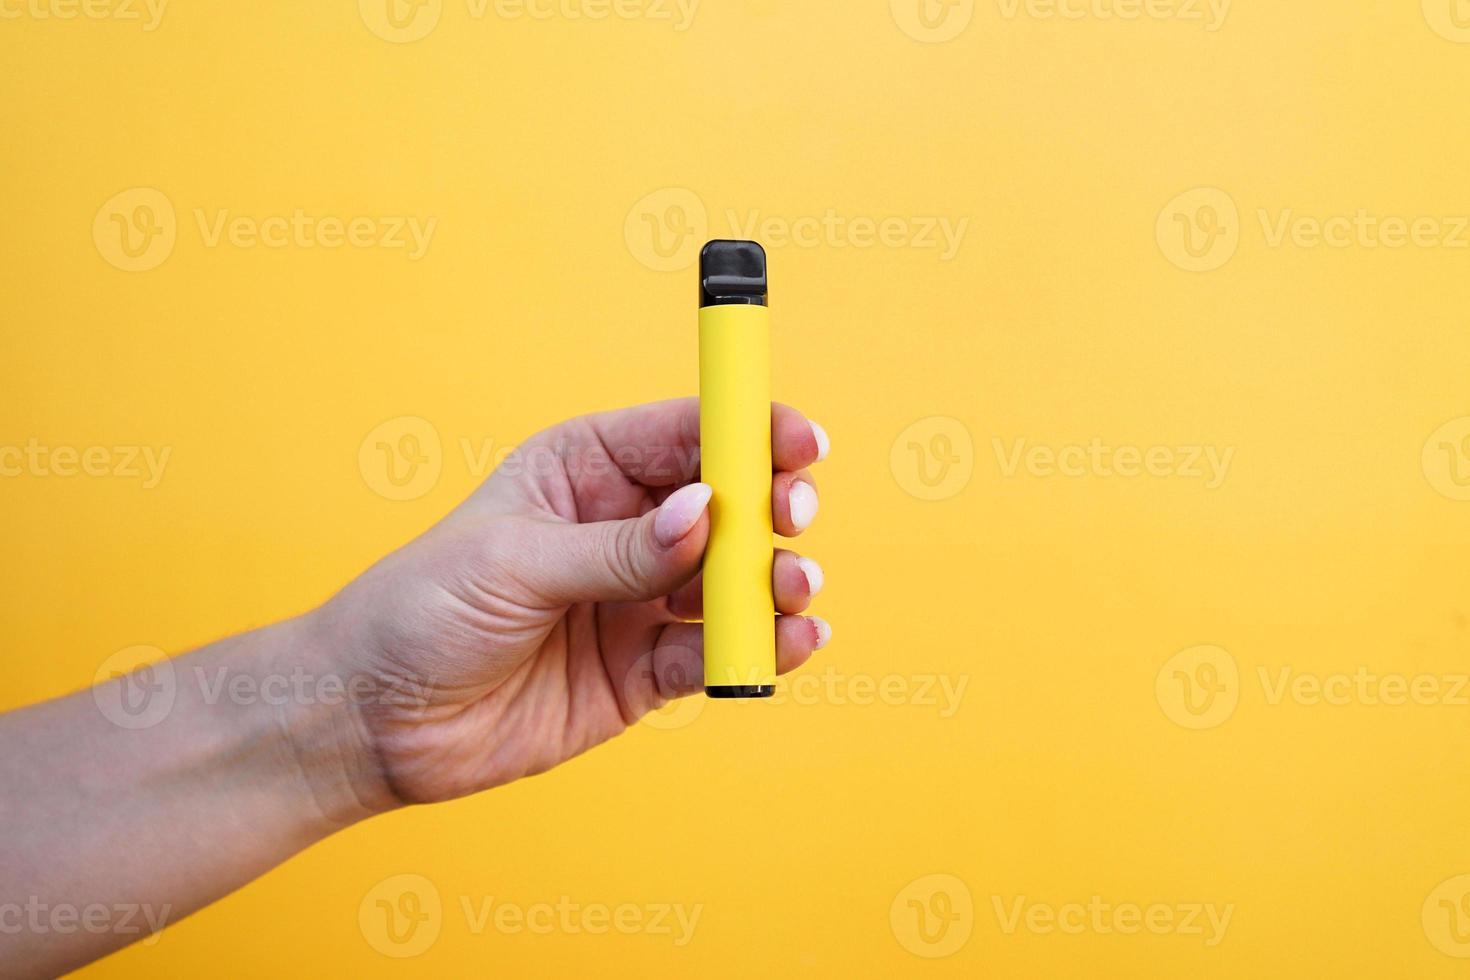 cigarro eletrônico descartável amarelo na mão feminina. foto